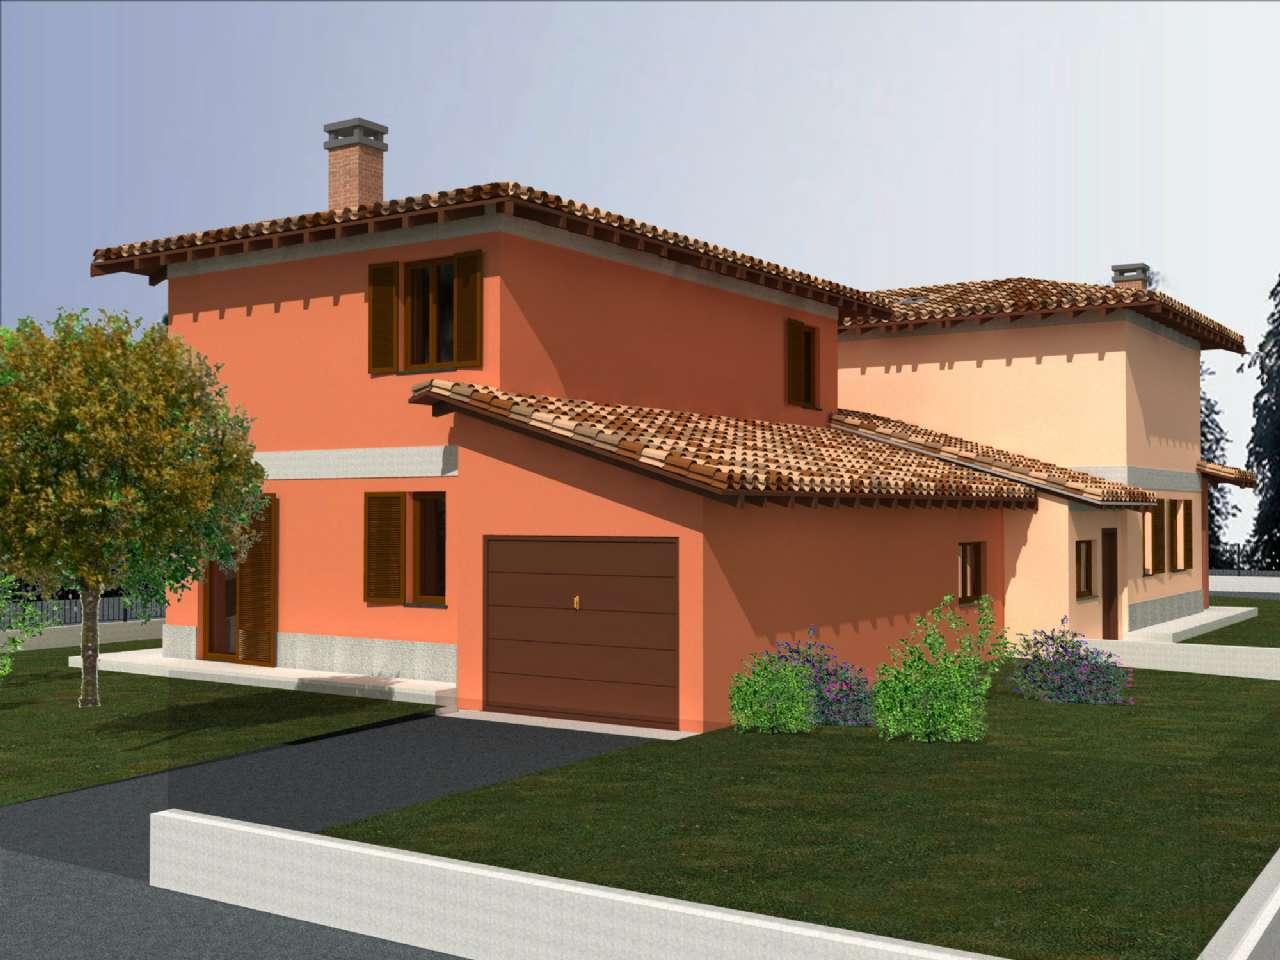 Villa Bifamiliare in vendita a Crema, 5 locali, prezzo € 245.000   CambioCasa.it